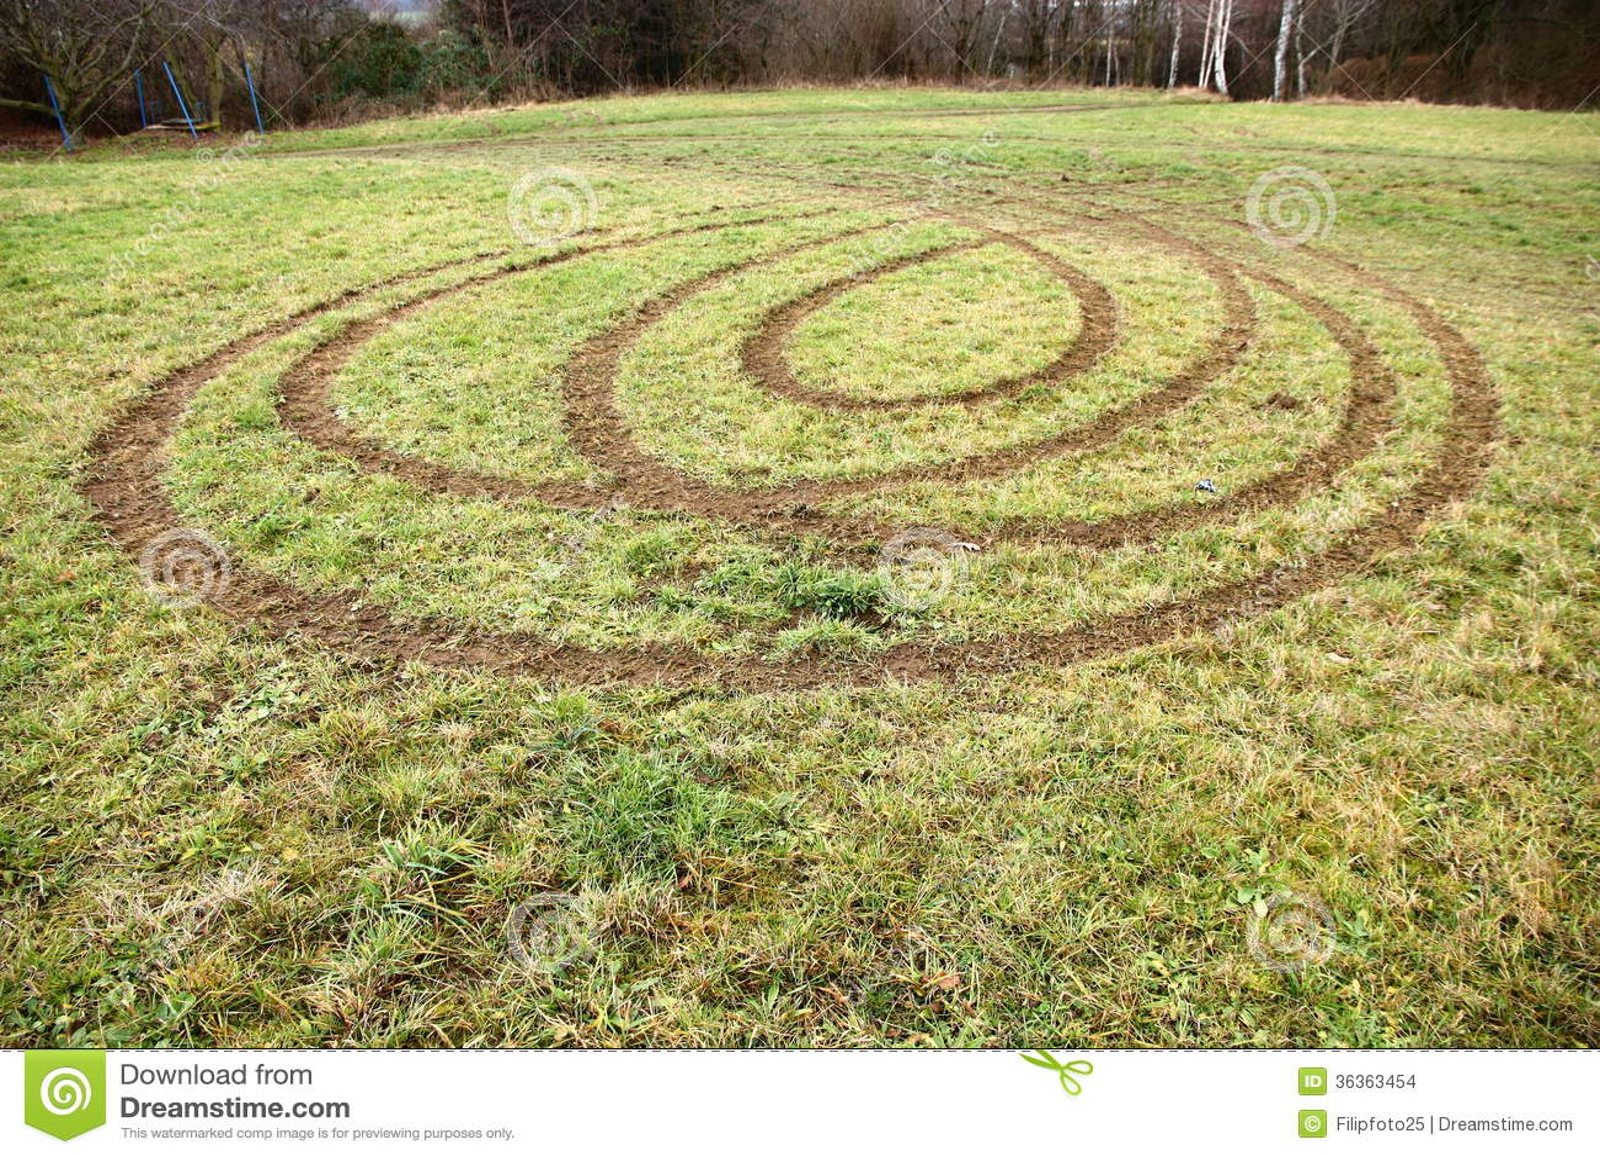 how to make a grass car